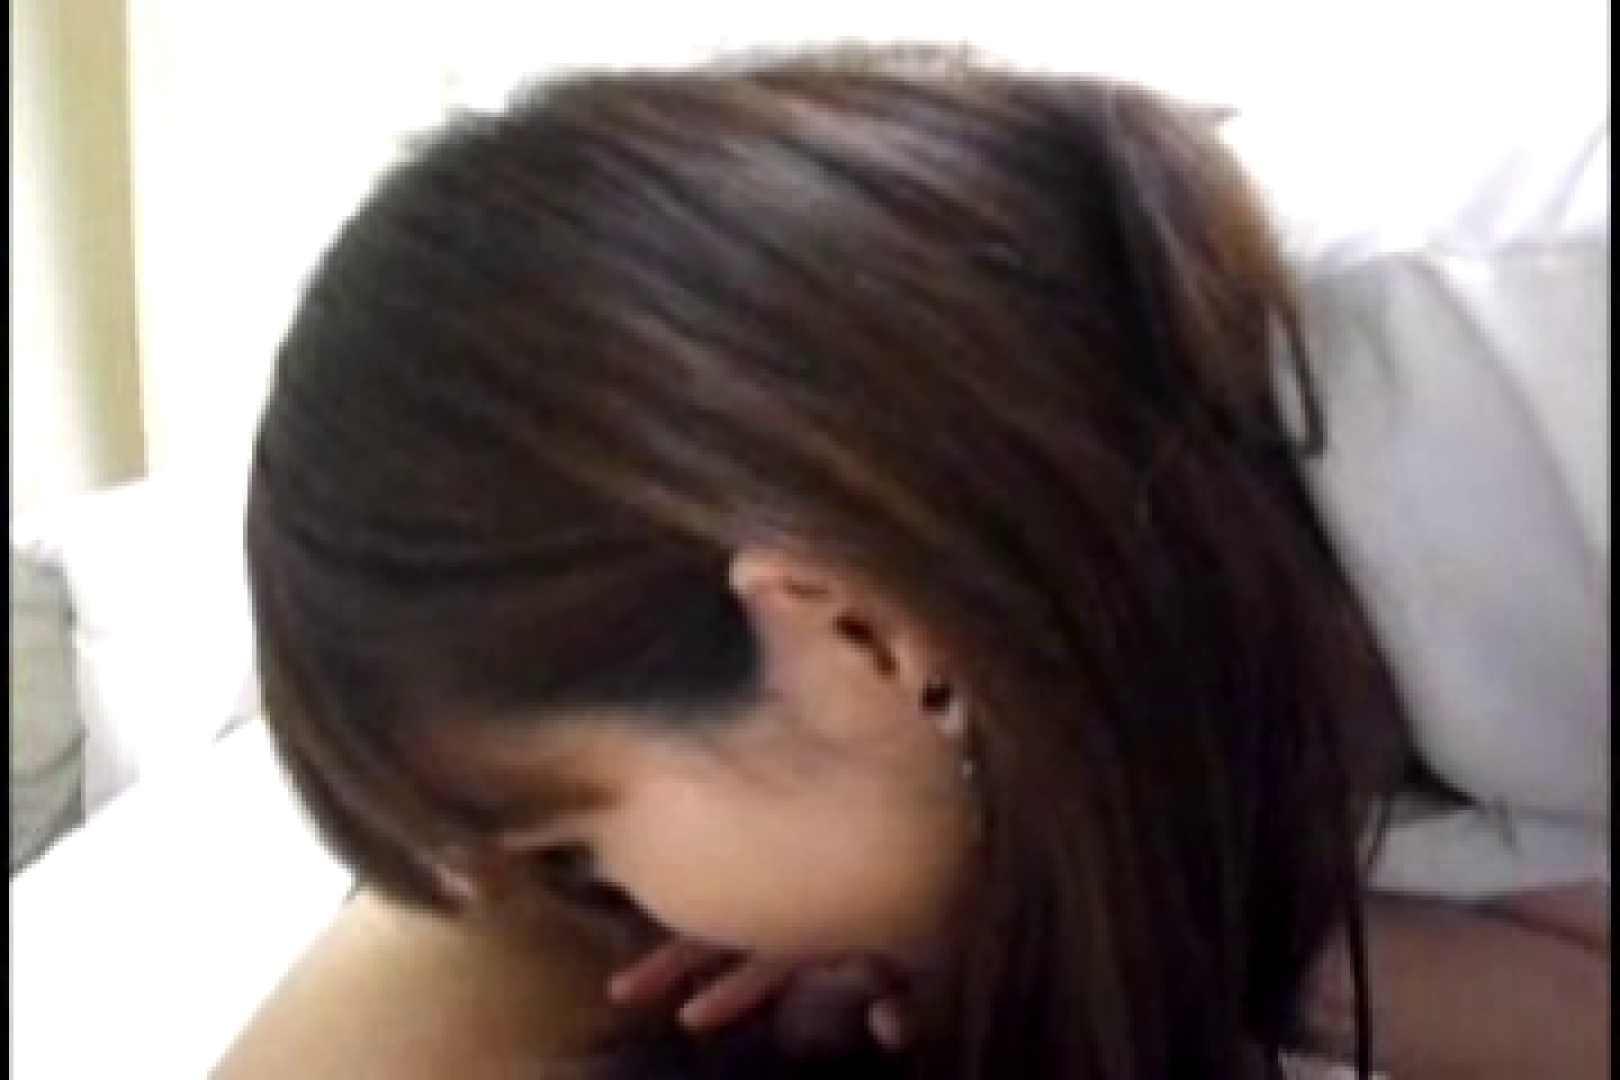 ヤリマンと呼ばれた看護士さんvol1 OL裸体 | シックスナイン  61画像 48